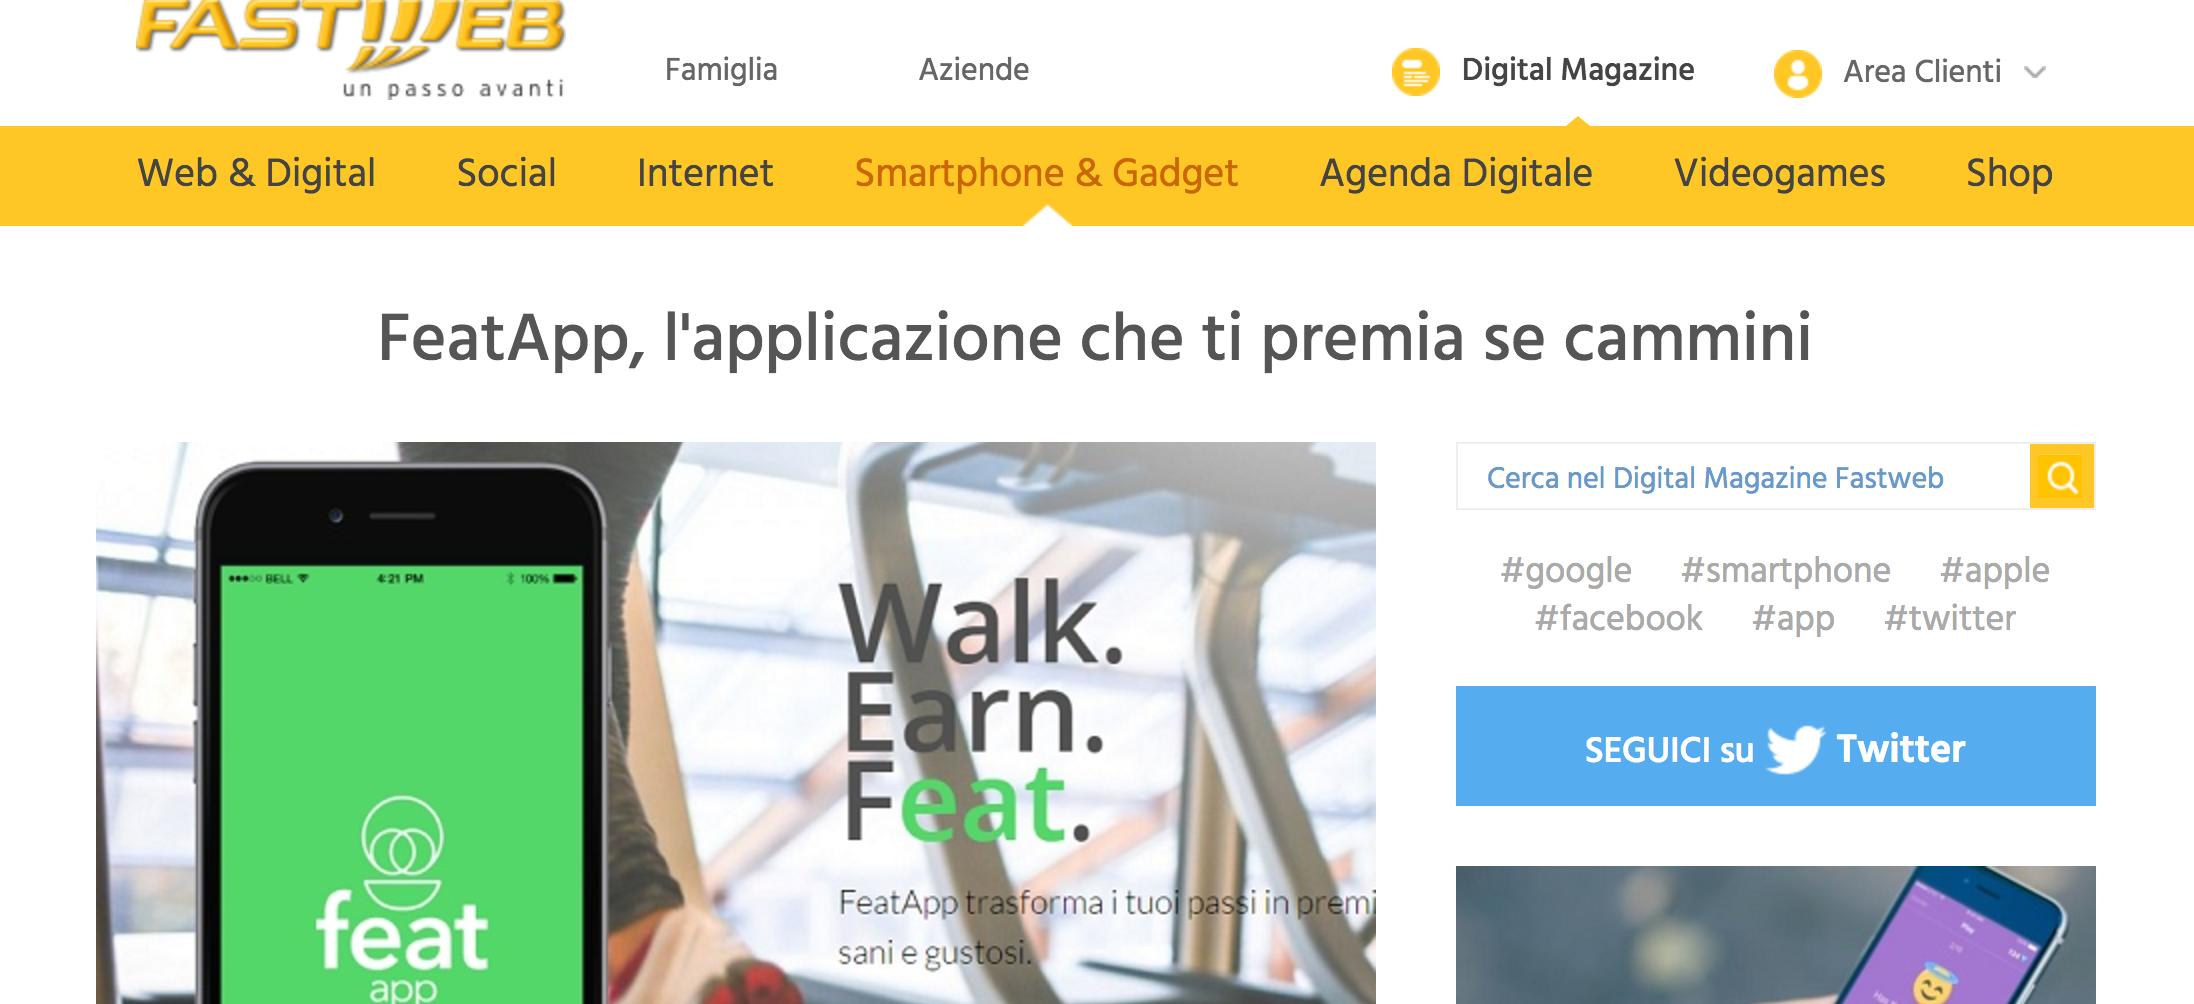 featapp, l'applicazione che ti premia se cammini - Fastweb, June 2016